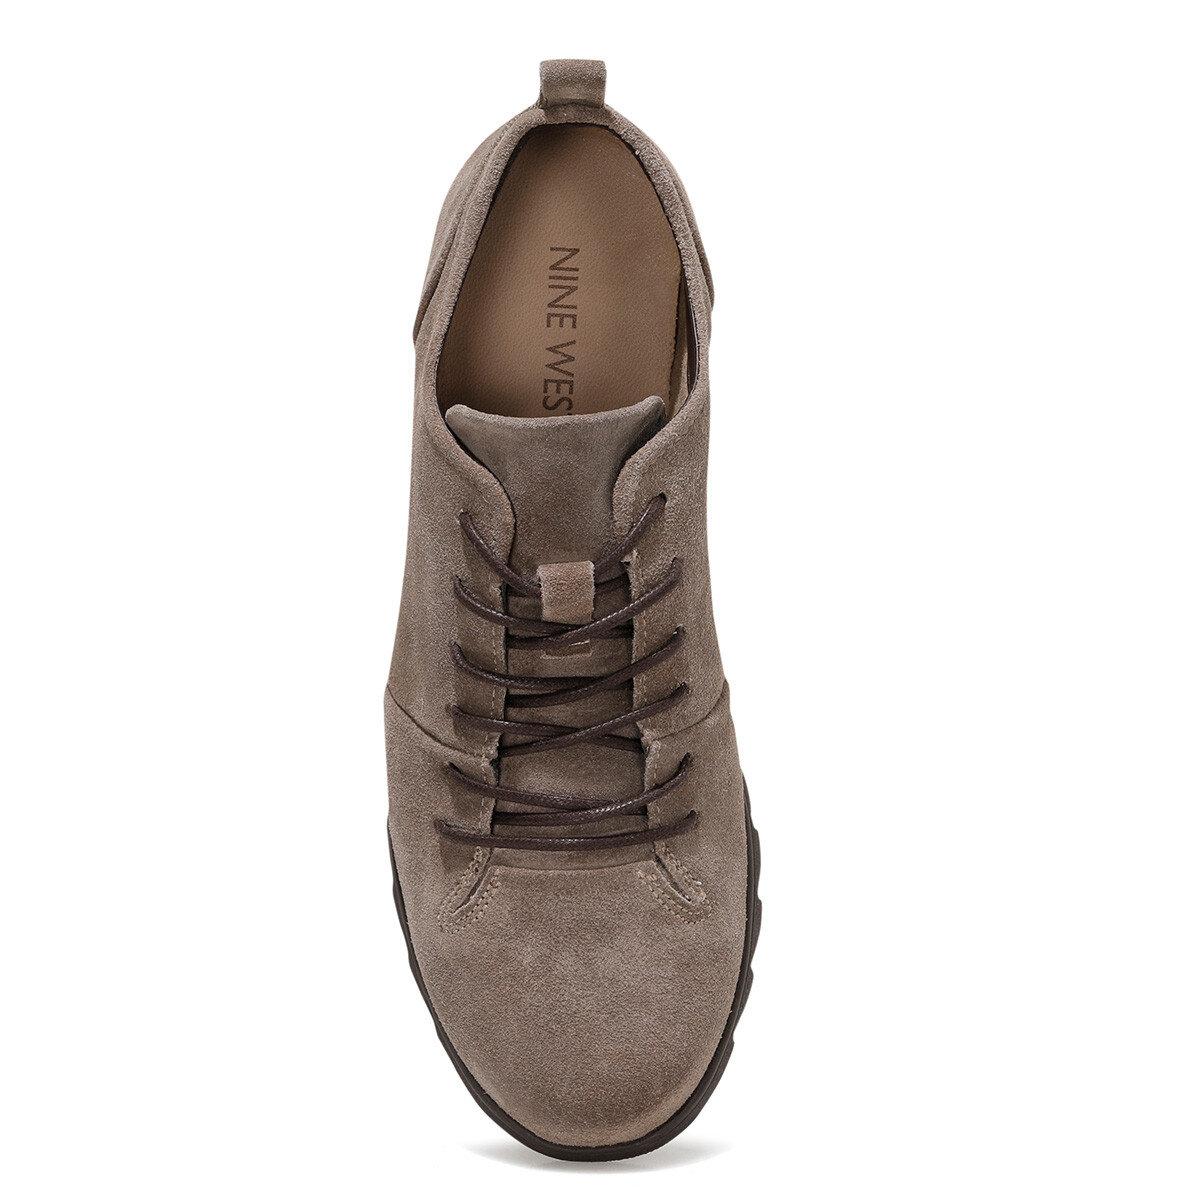 HERM2 Vizon Kadın Günlük Ayakkabı